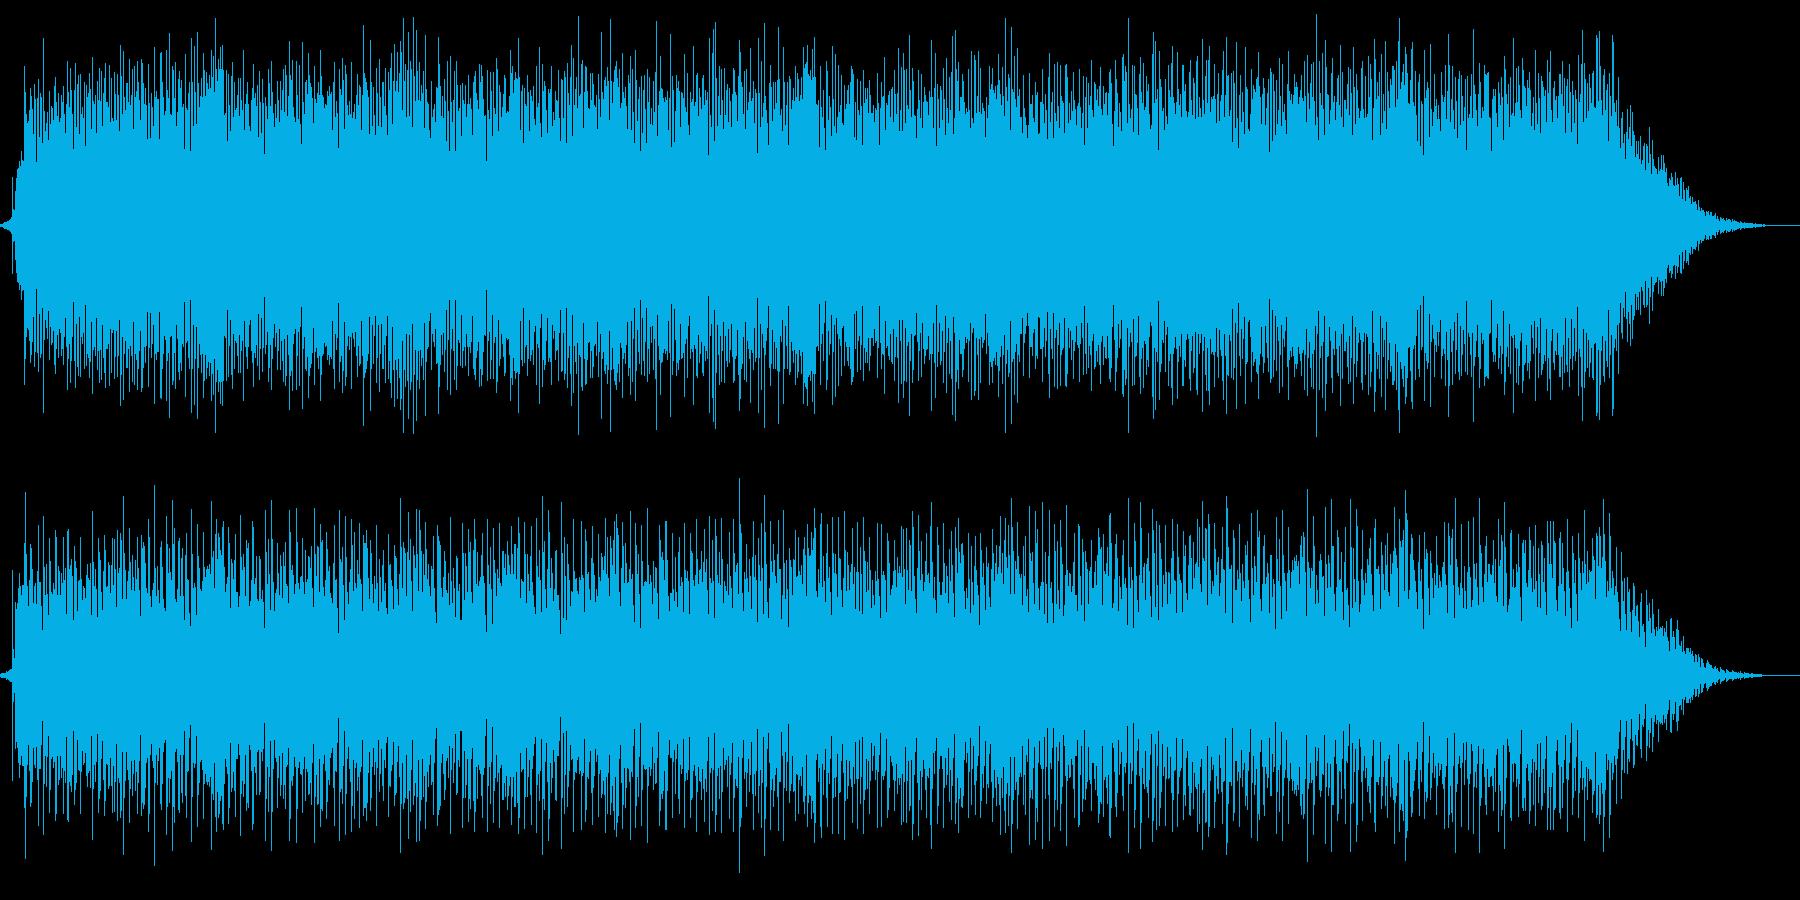 トランス調BGMの再生済みの波形